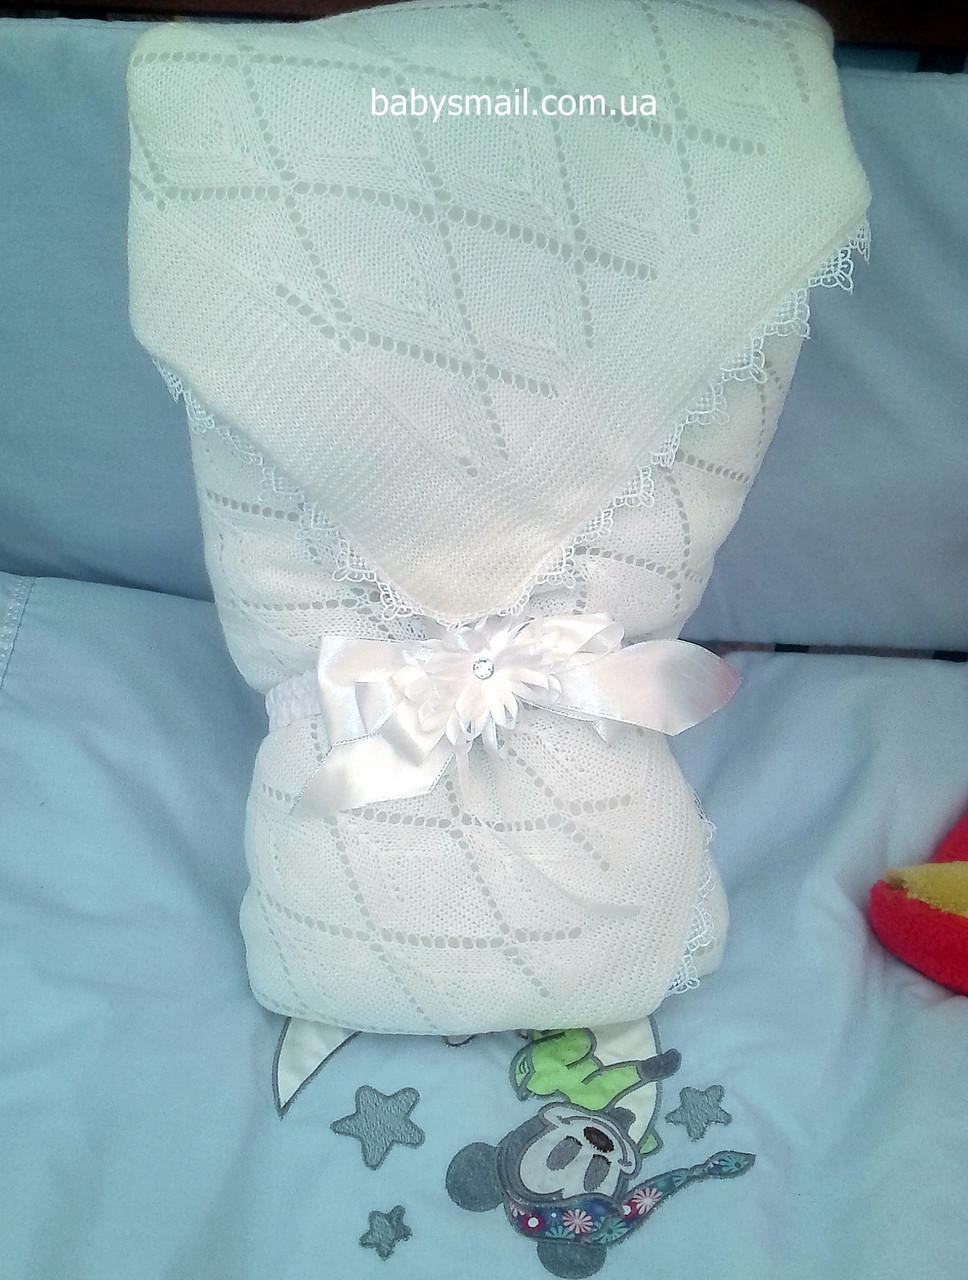 Как сделать объёмную куклу из бумаги